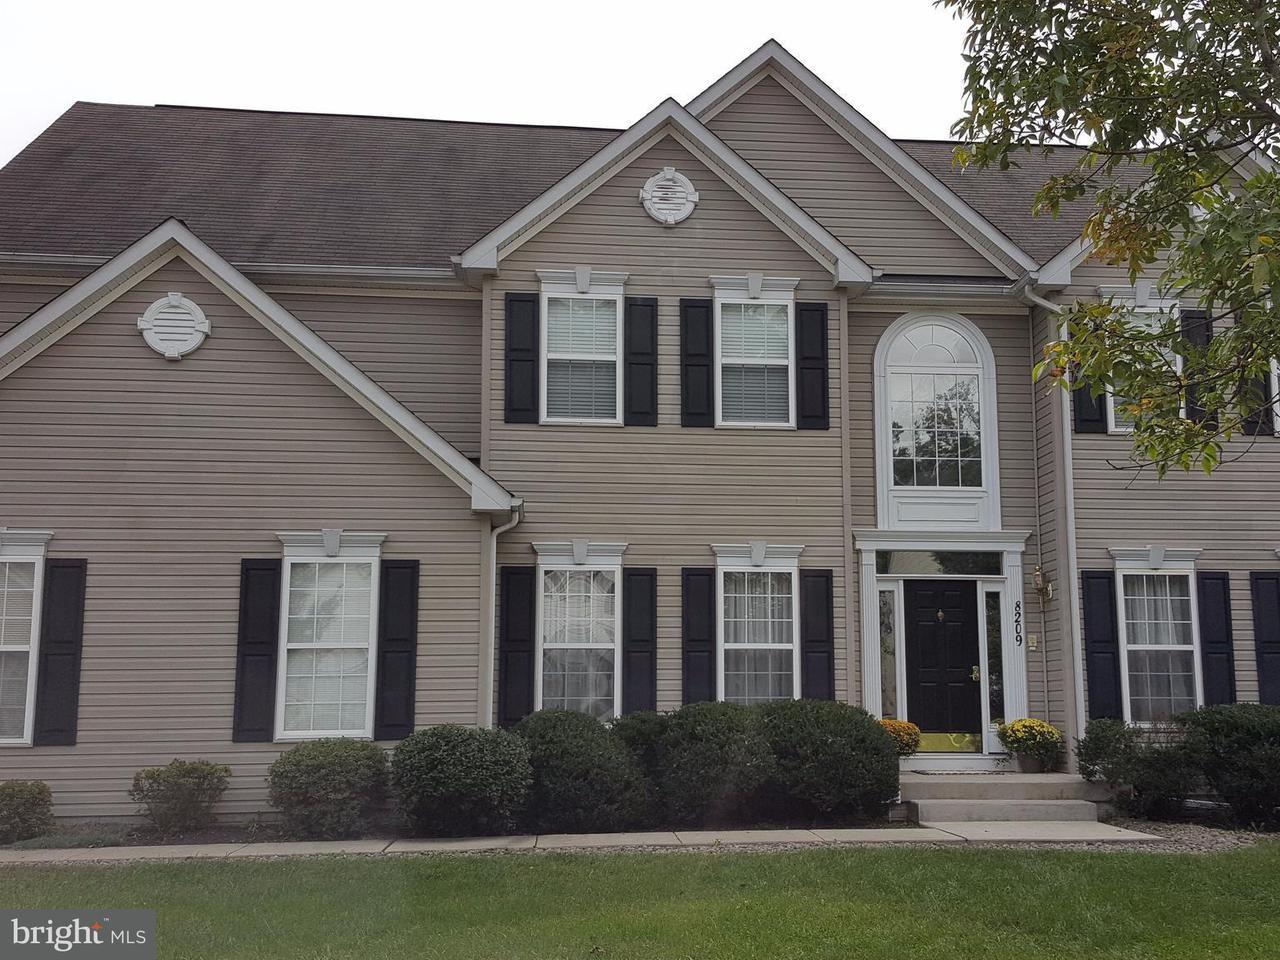 一戸建て のために 売買 アット 8209 WHITEBARK Lane 8209 WHITEBARK Lane Severn, メリーランド 21144 アメリカ合衆国